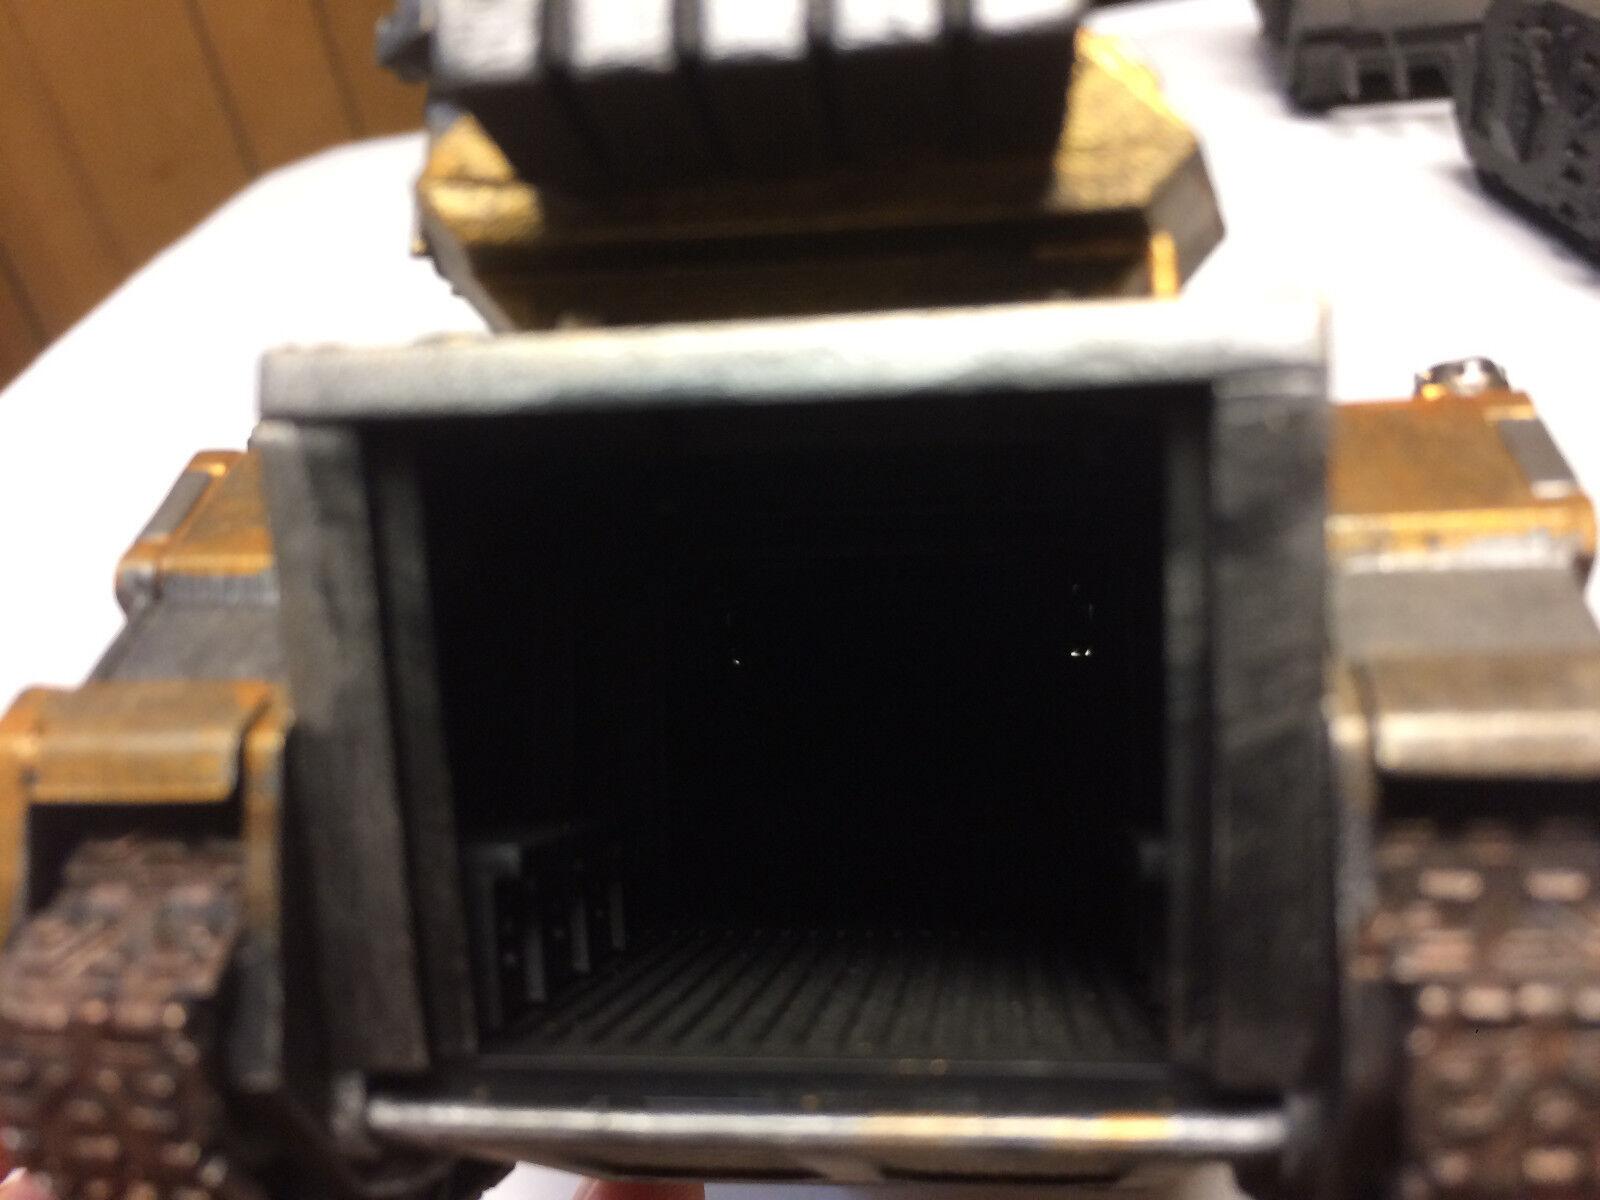 Ml4 ein angebot angebot angebot machen, teilen viele.chaos space marine csm 40 bit bitz zahlen c36570